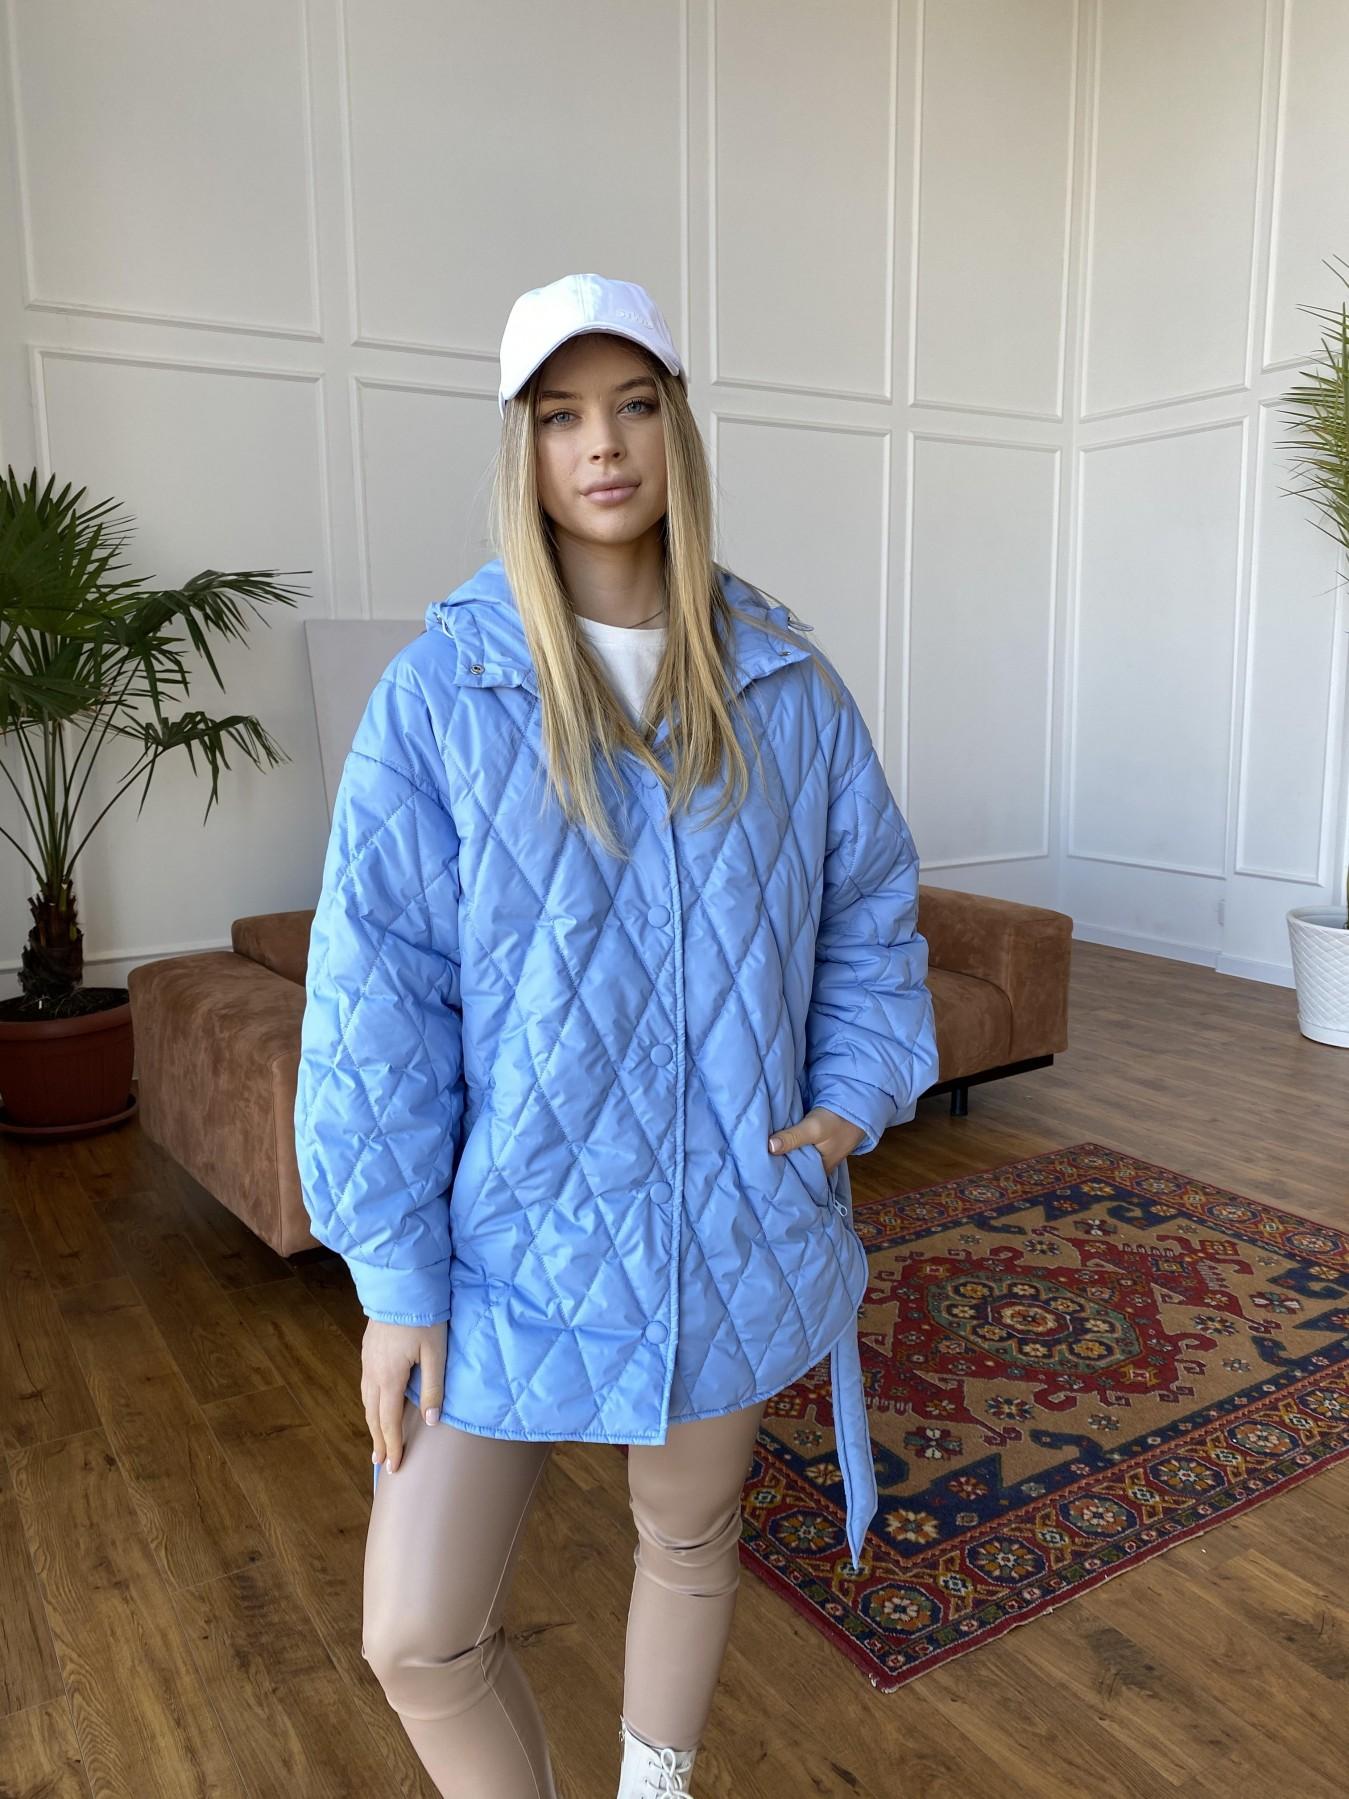 Пазл стеганая куртка из плащевки 10890 АРТ. 47424 Цвет: Голубой - фото 1, интернет магазин tm-modus.ru